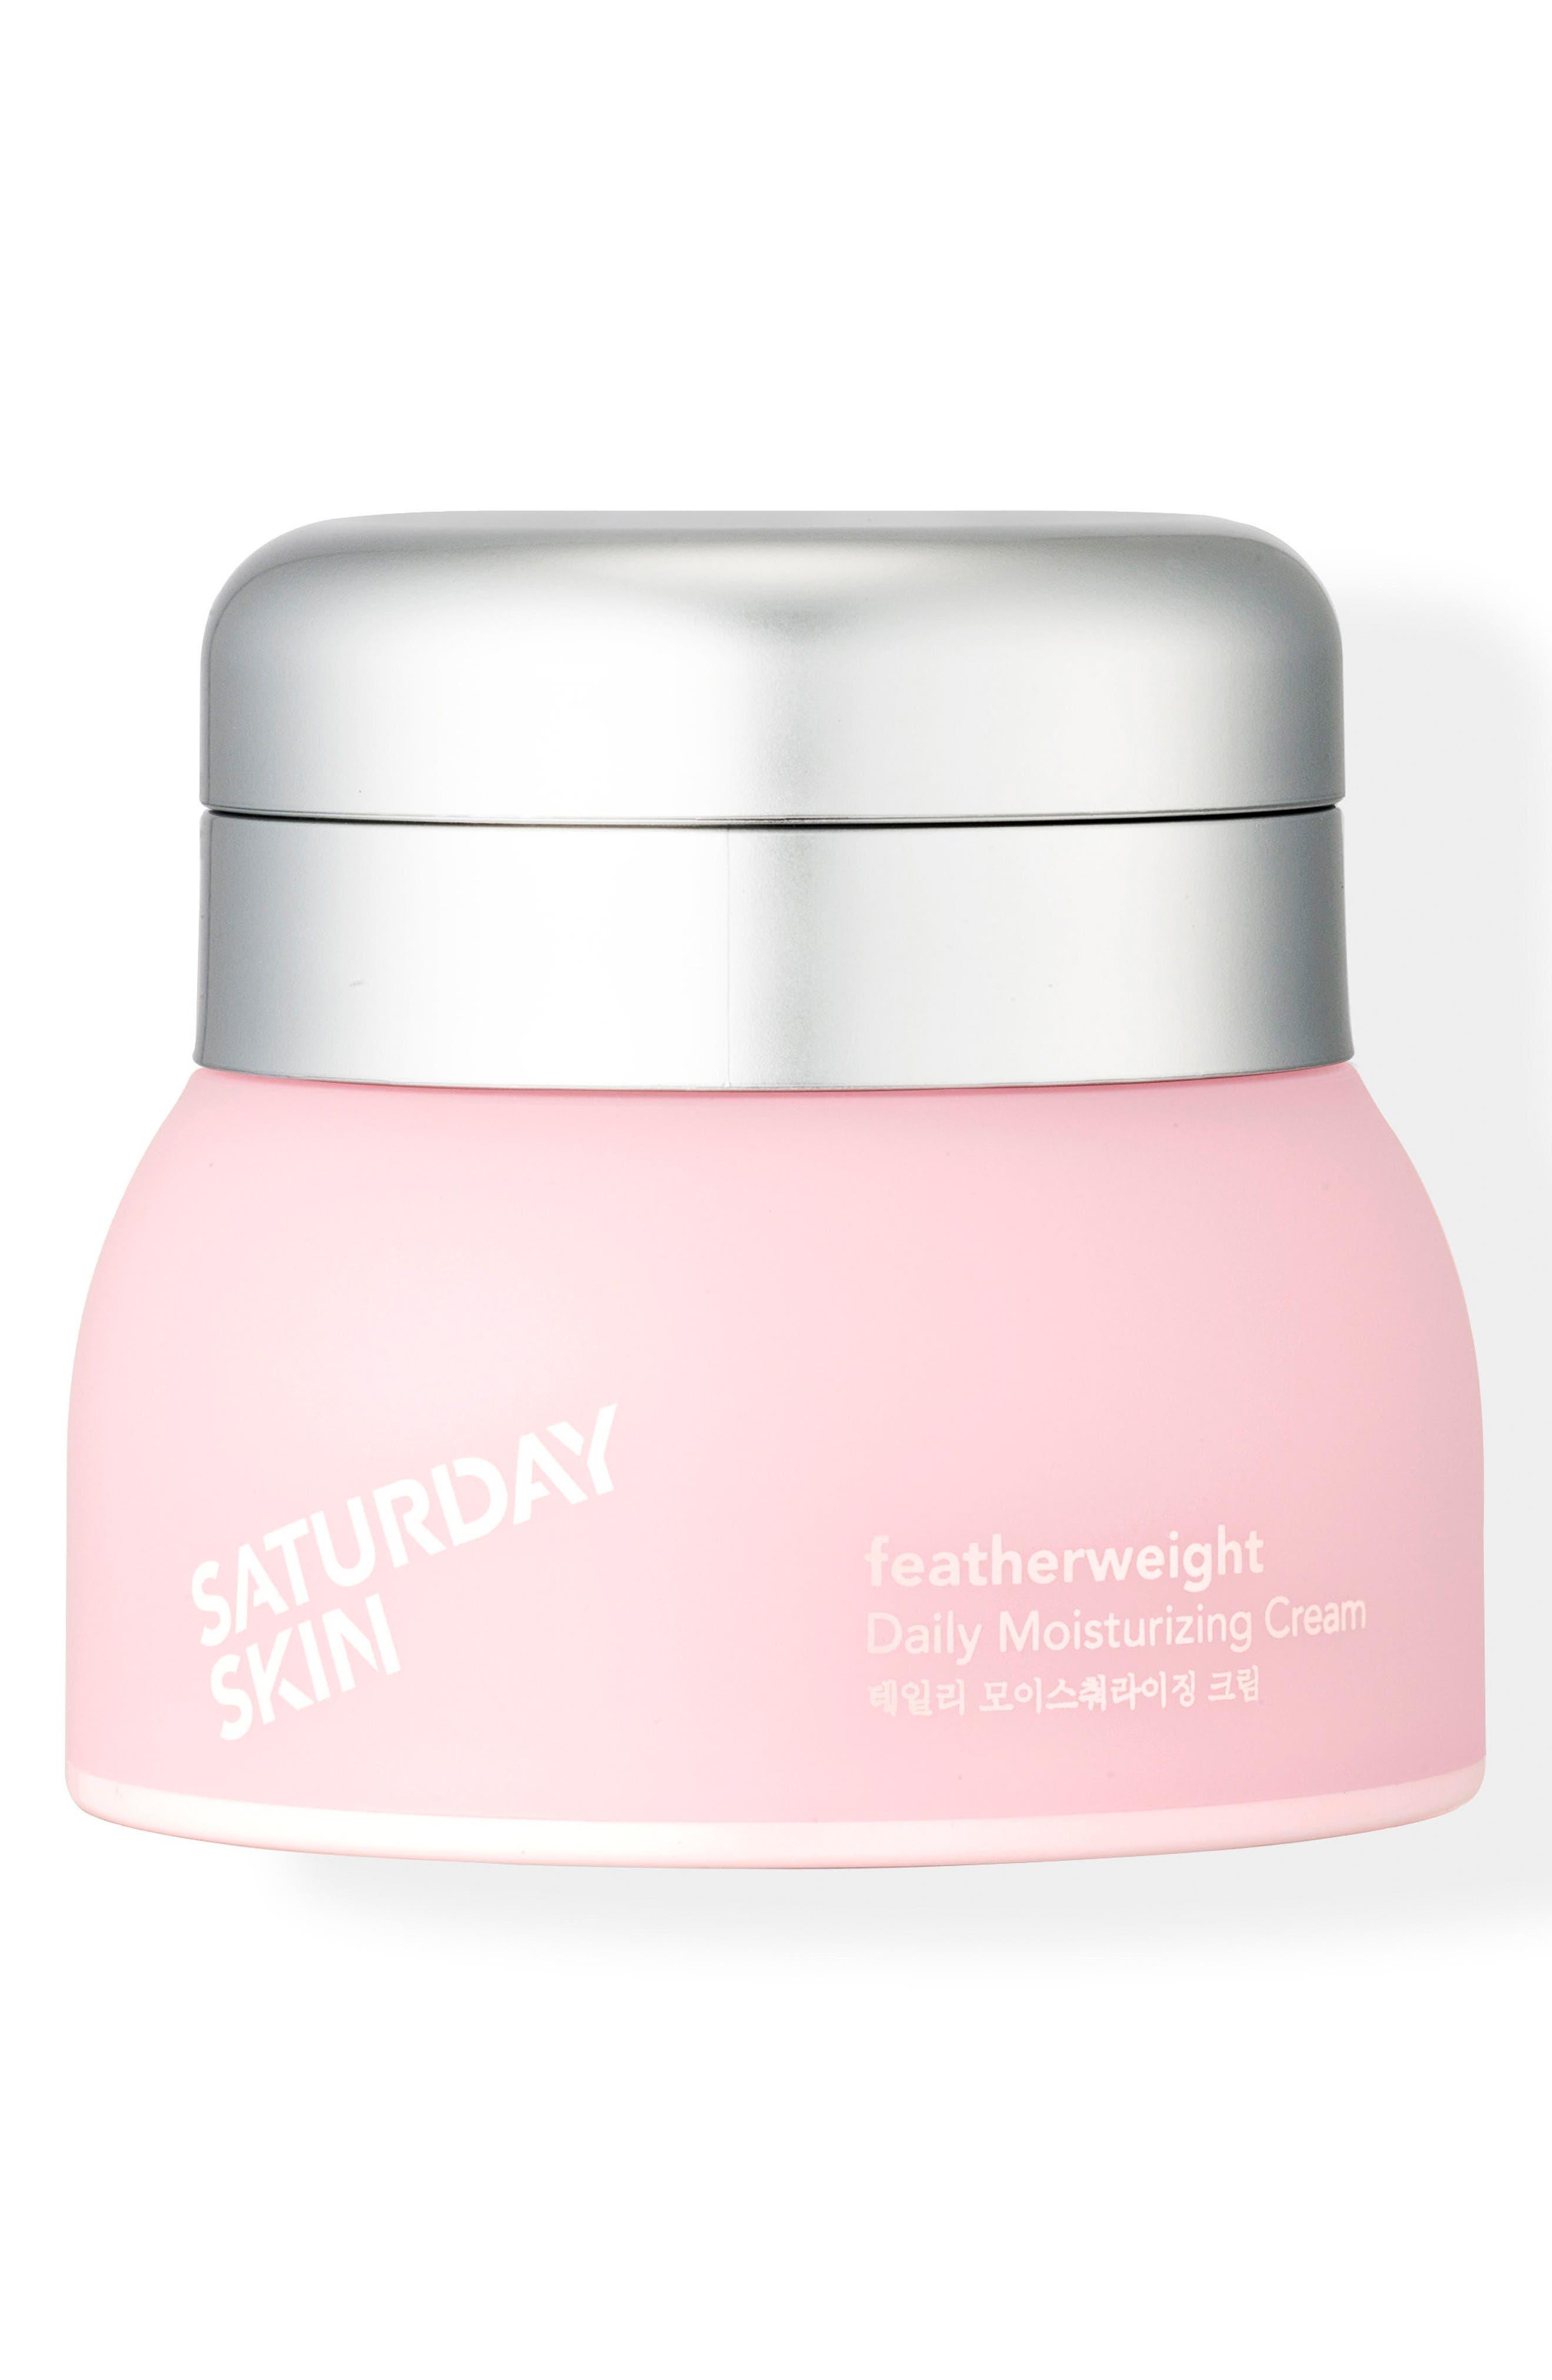 Main Image - Saturday Skin Featherweight Daily Moisturizing Cream